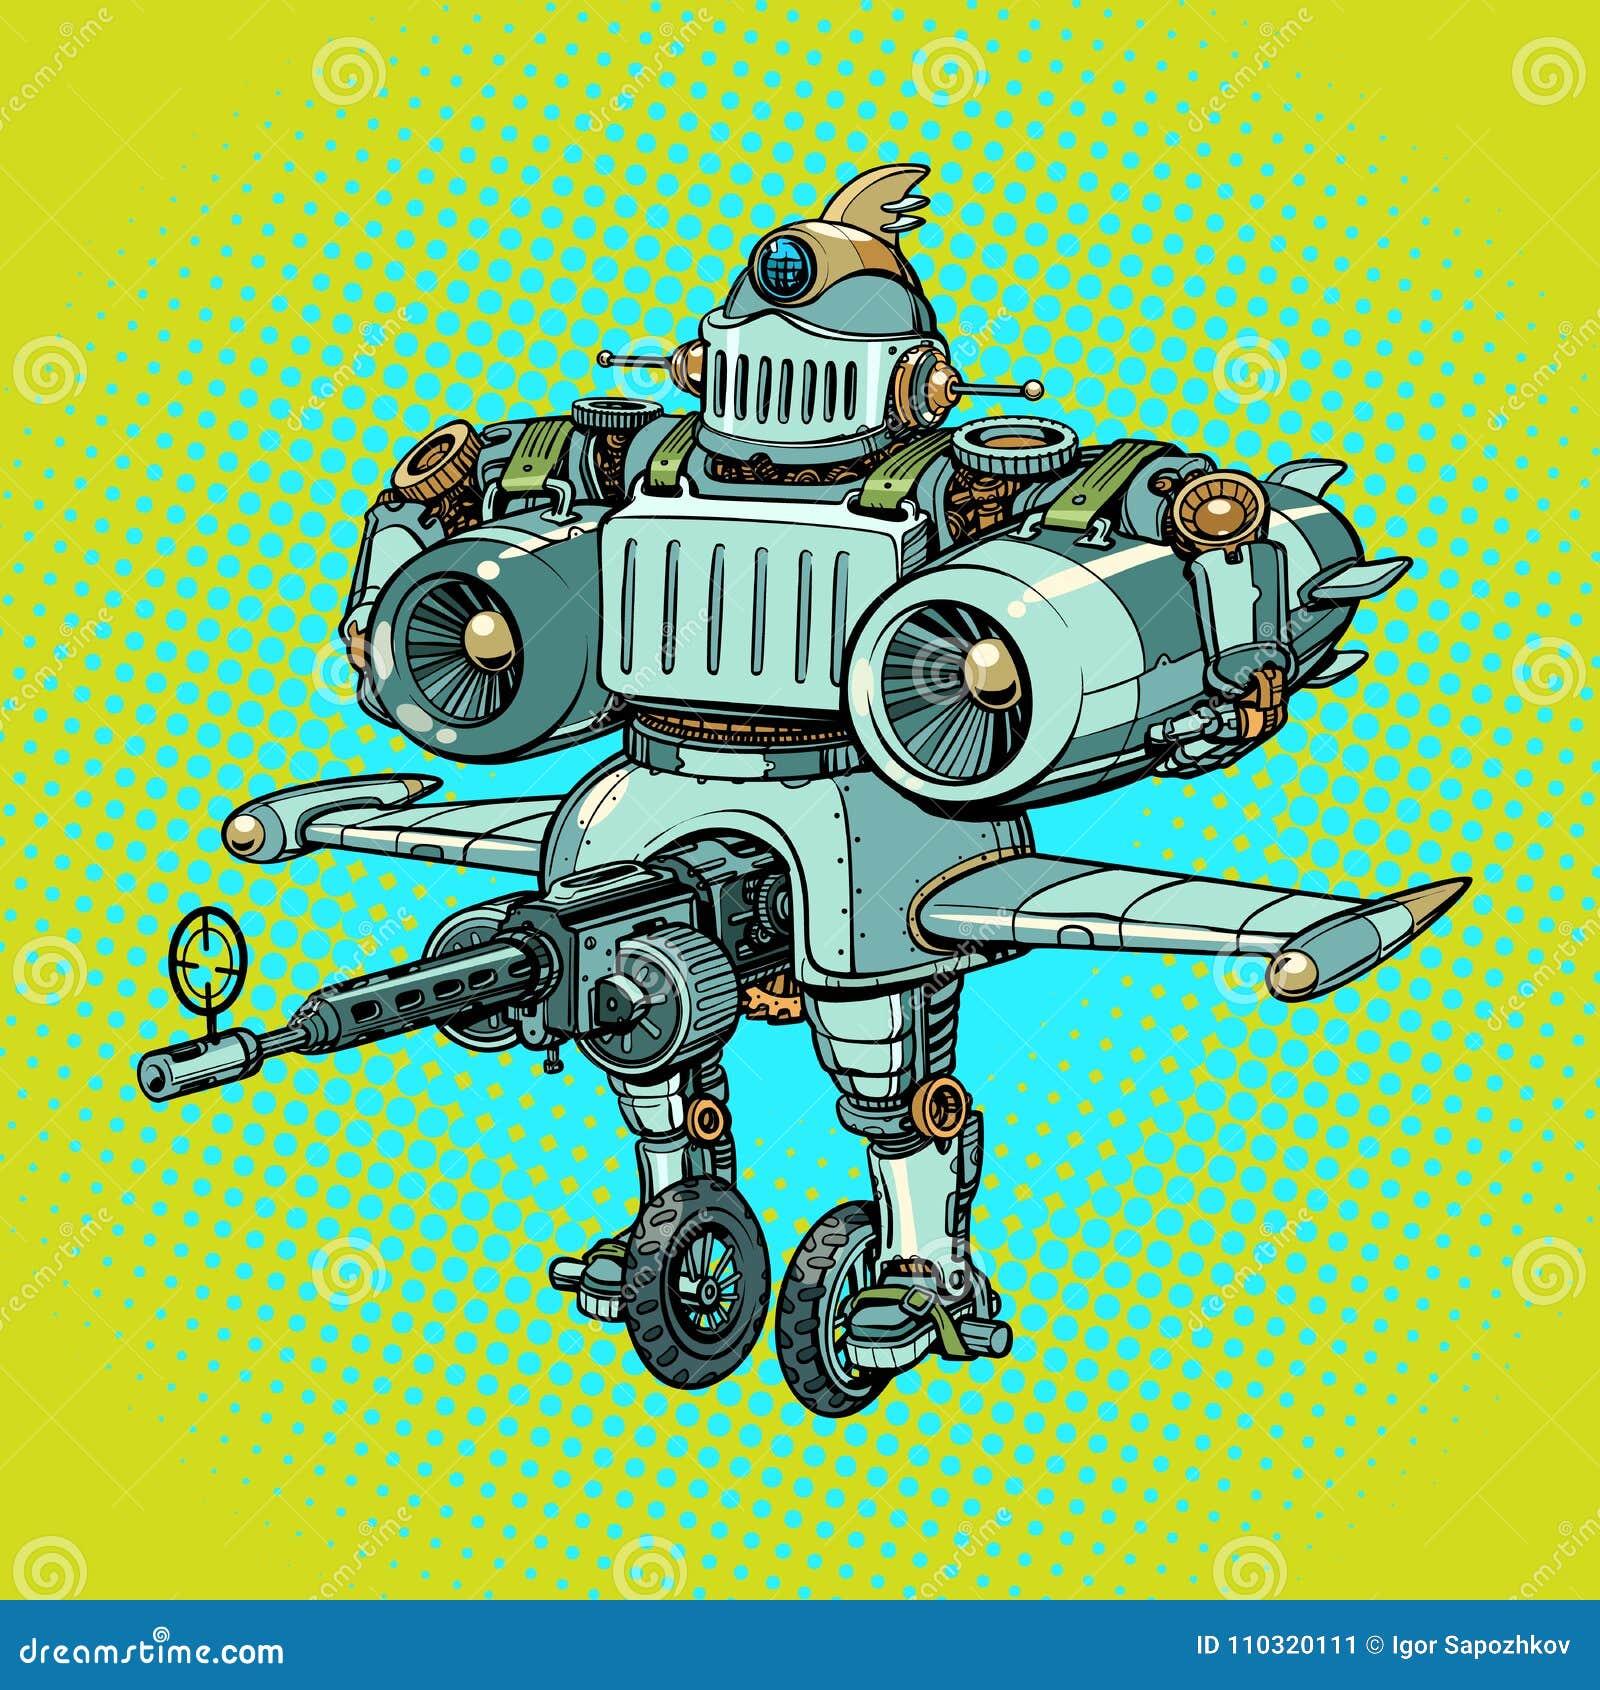 Robot militaire de bataille drôle ridicule dans le rétro style